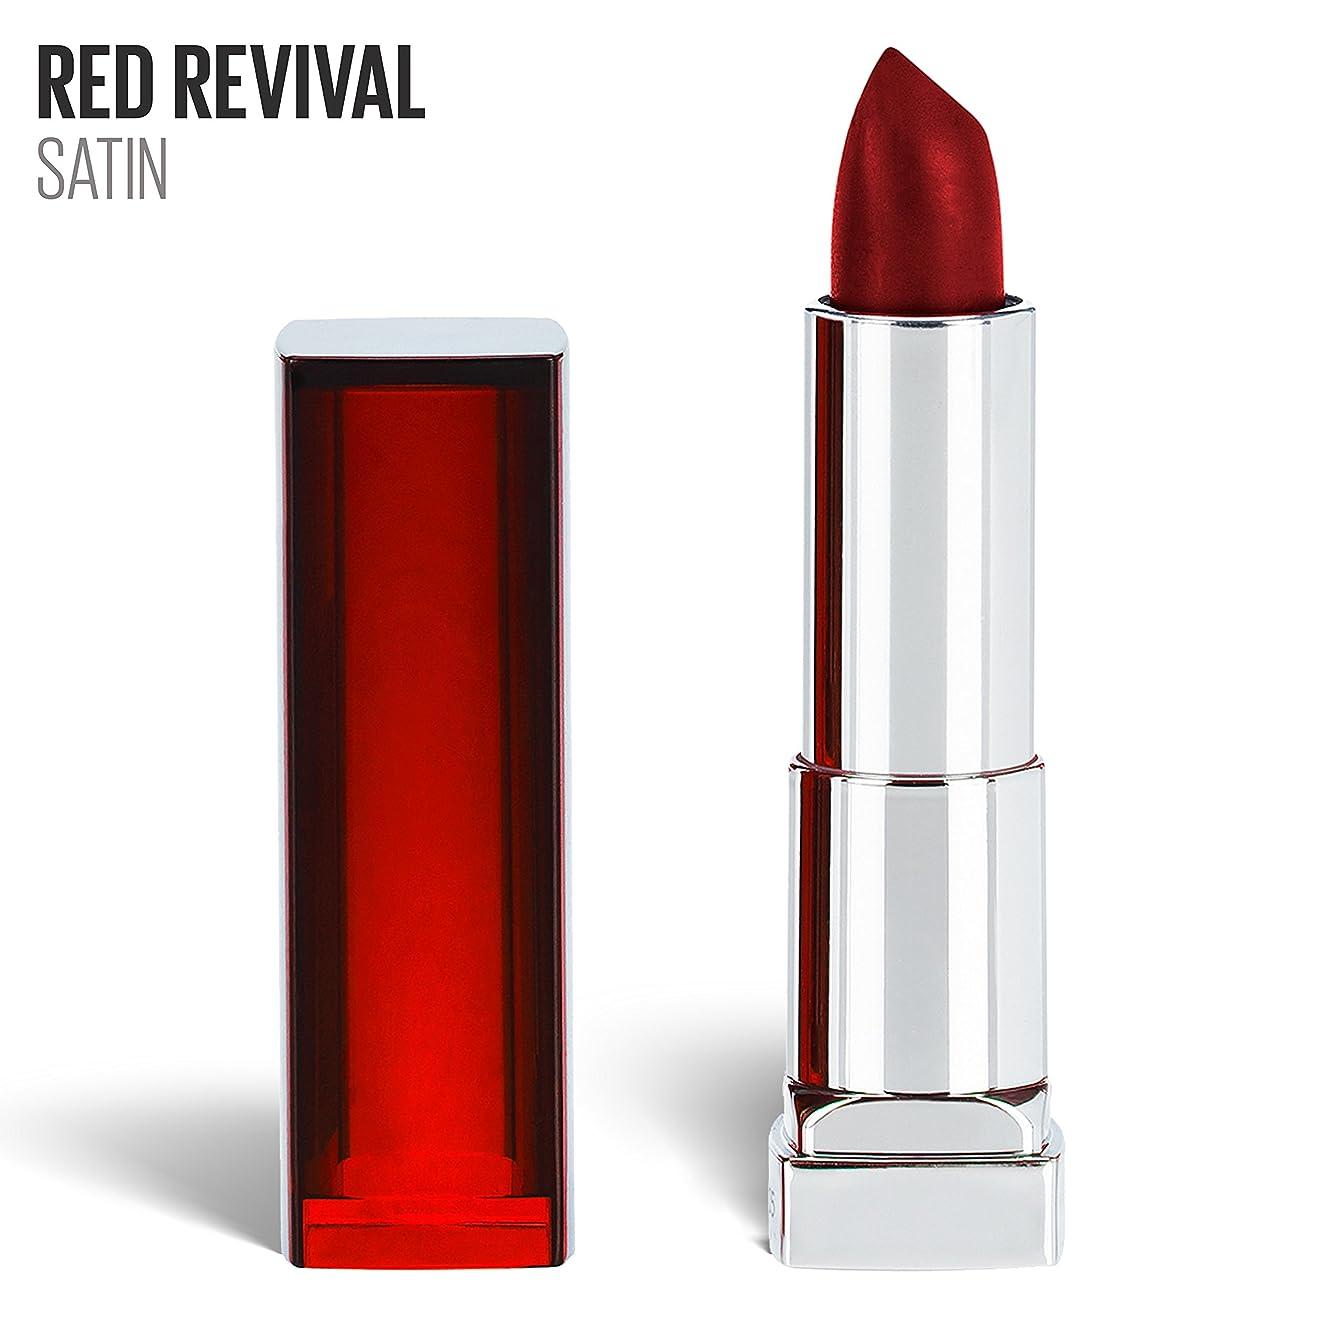 好む前置詞シダMaybelline New York 色センセーショナル赤口紅、マット口紅、レッドリバイバル、0.15オズ。 1つのカウント レッドリバイバル645